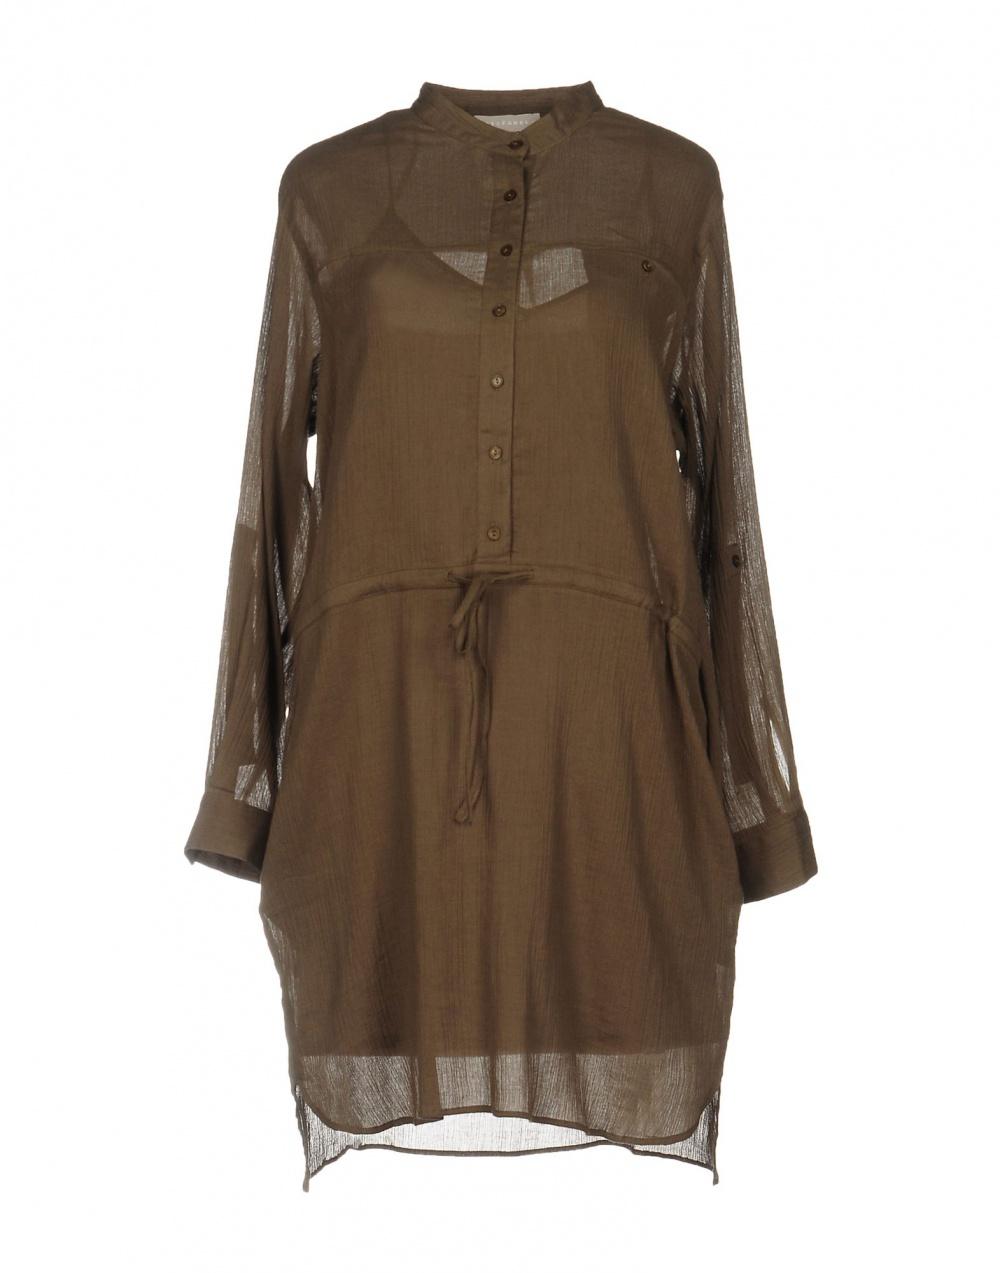 Новое платье Stefanel, размер М, в реале L